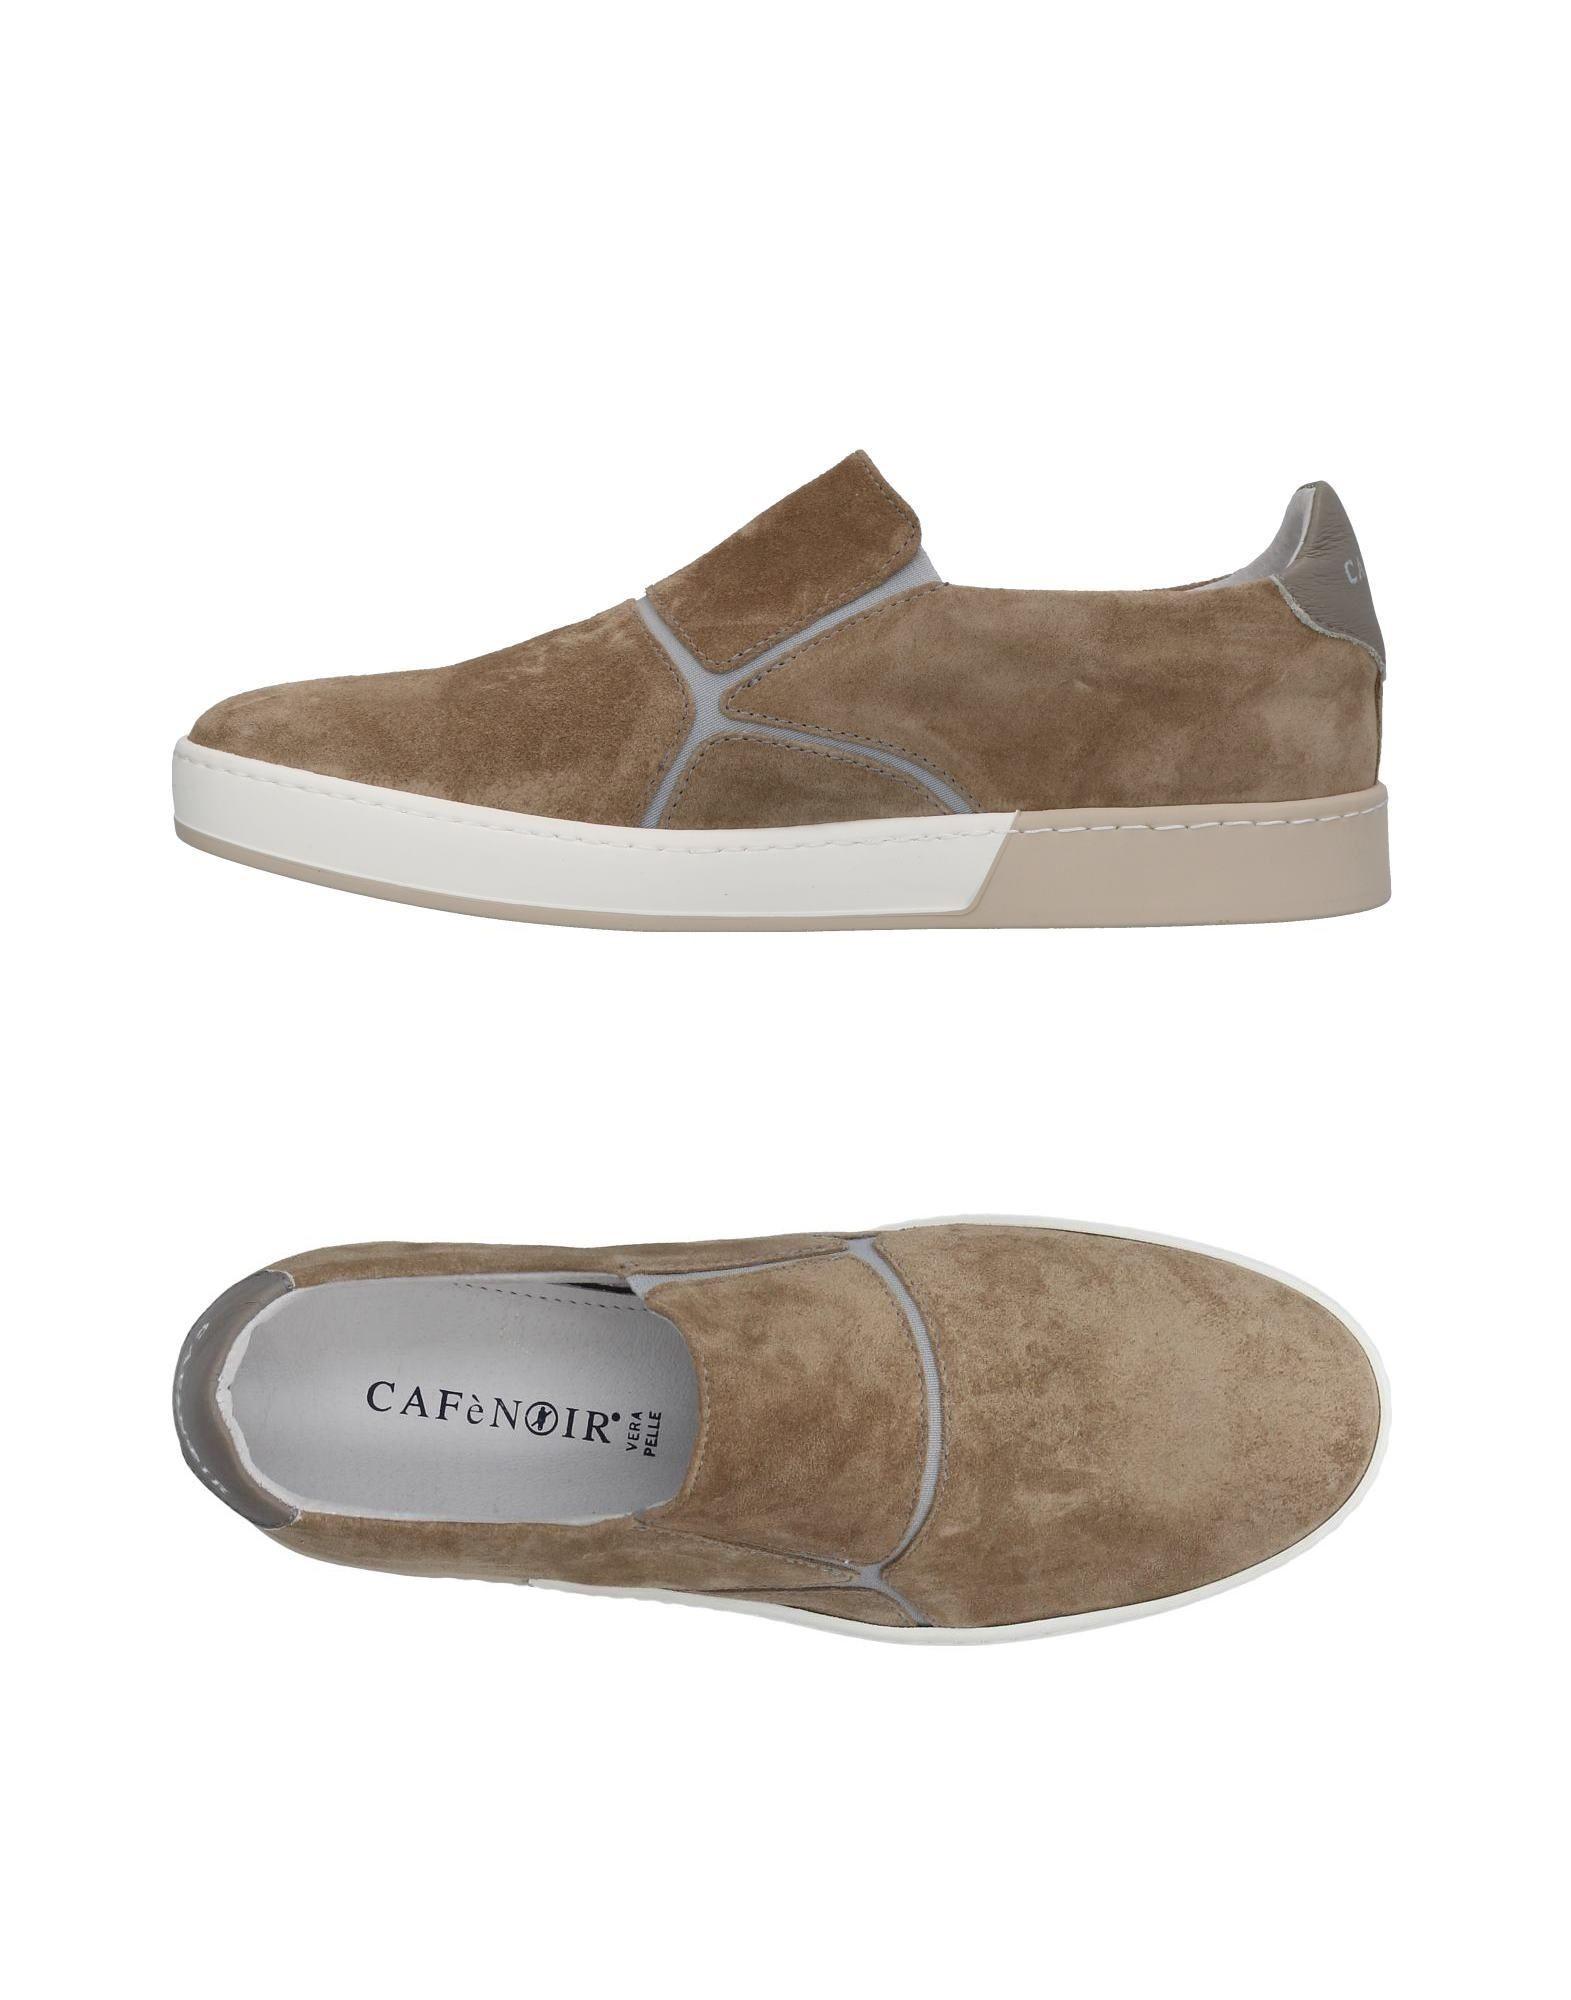 Los últimos zapatos de descuento para hombres y mujeres  Cafènoir Zapatillas Cafènoir Hombre - Zapatillas Cafènoir  503553